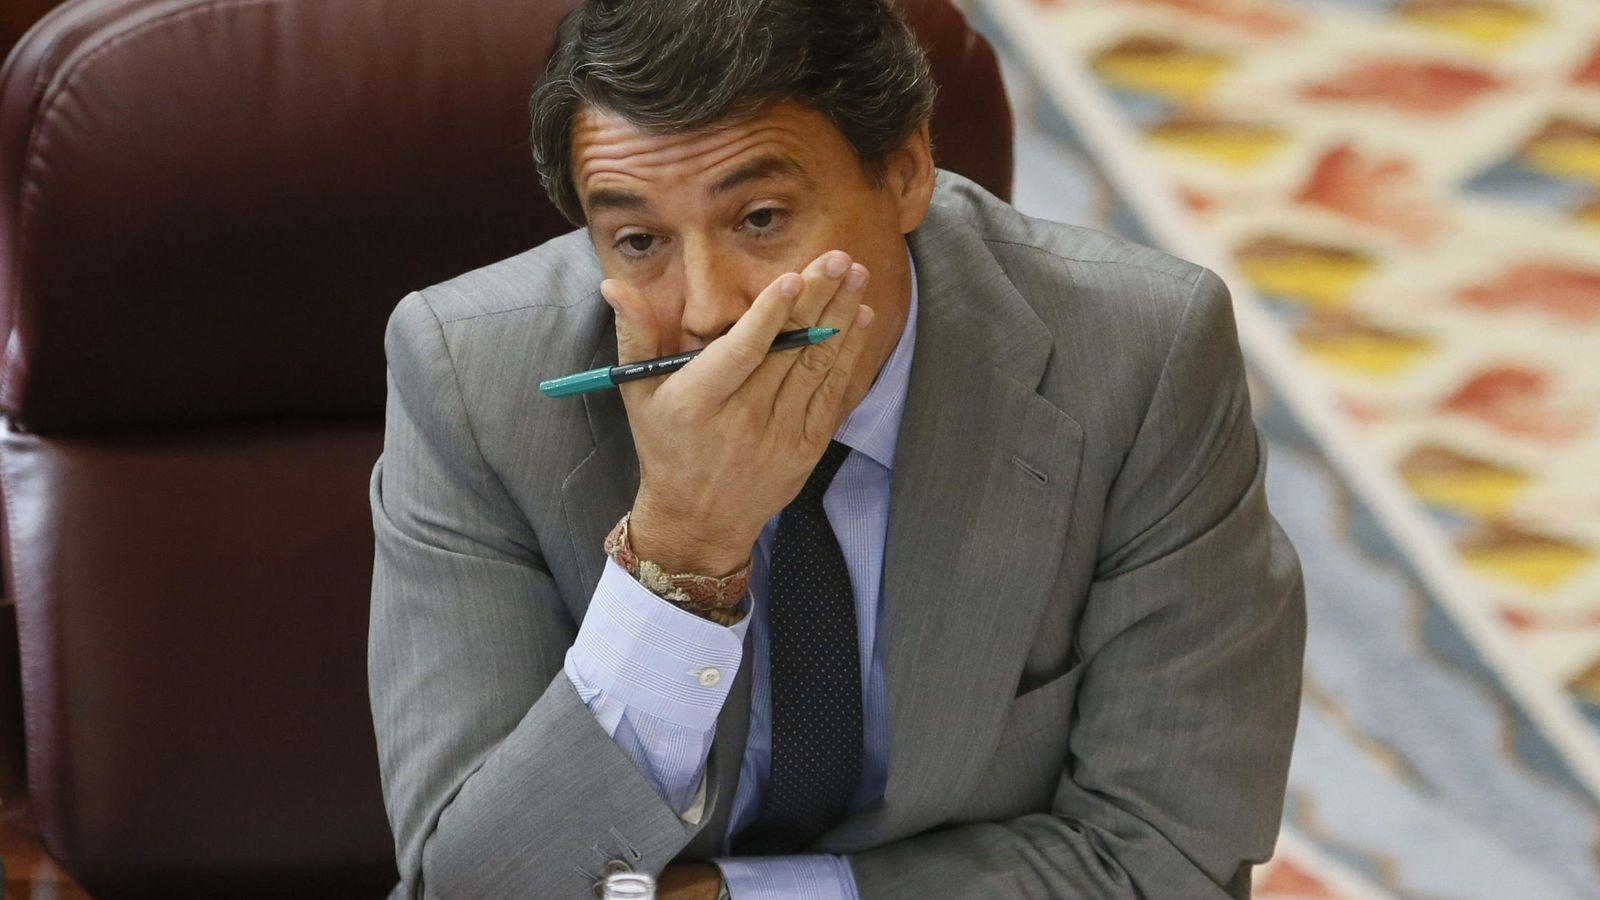 Foto: El presidente de la Comunidad de Madrid, Ignacio González, durante un pleno ordinario en la Asamblea de Madrid. EFE/JuanJo Martín